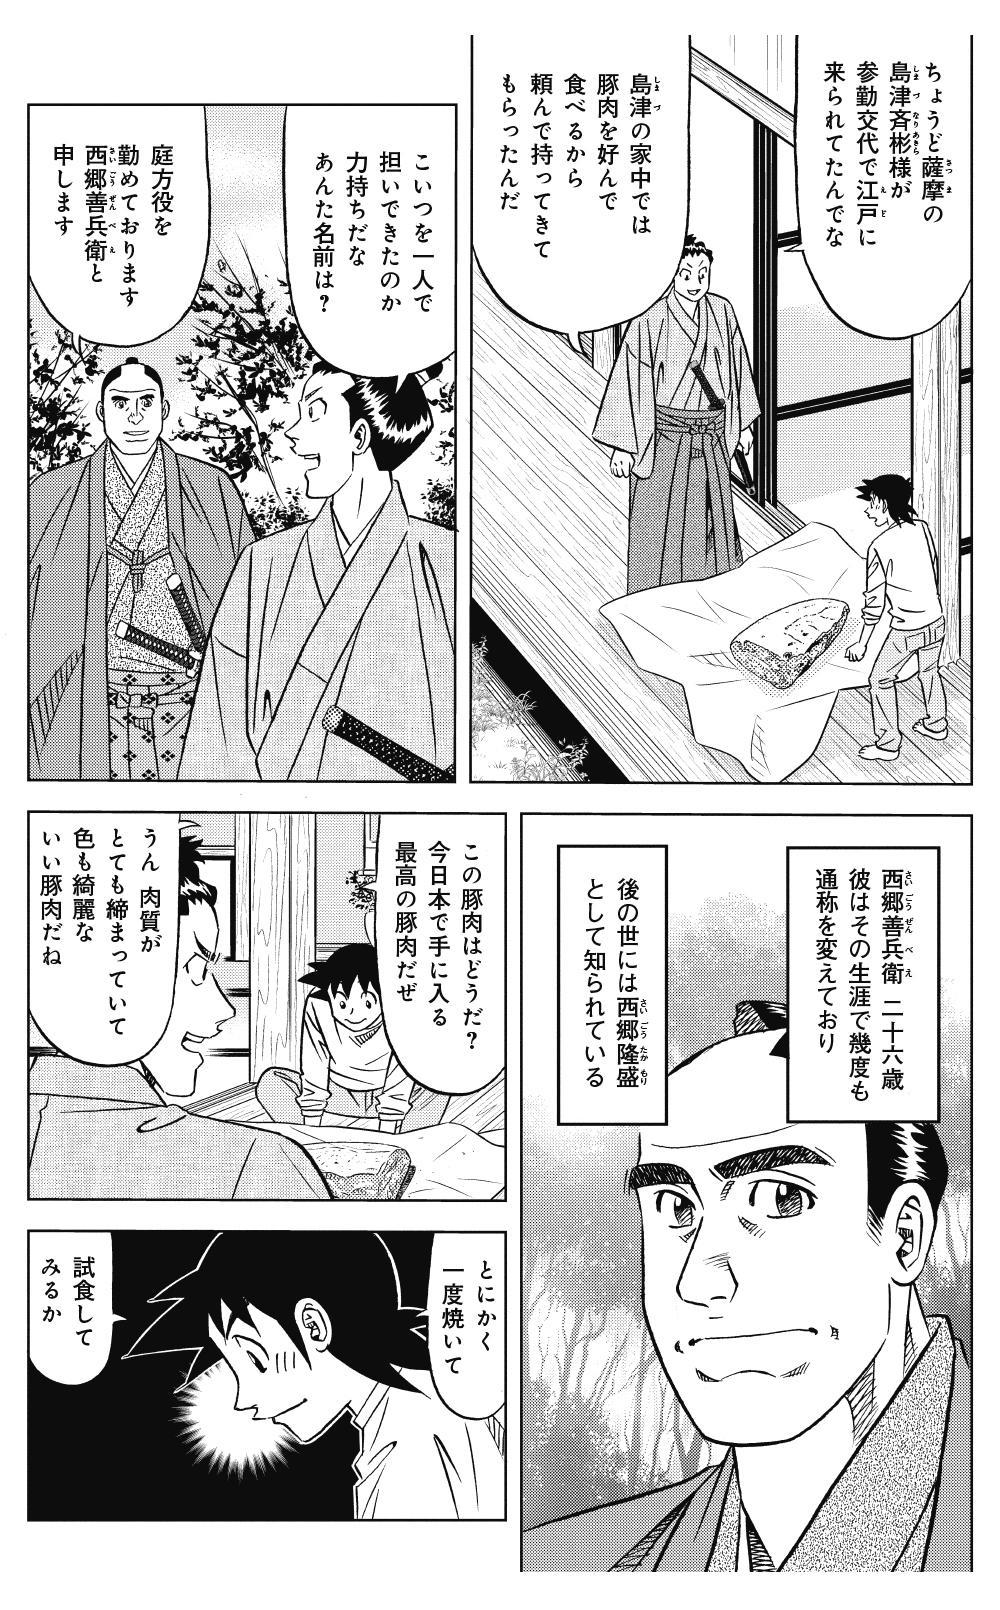 ミスター味っ子 幕末編 第1話「黒船来航」②ajikko22.jpg